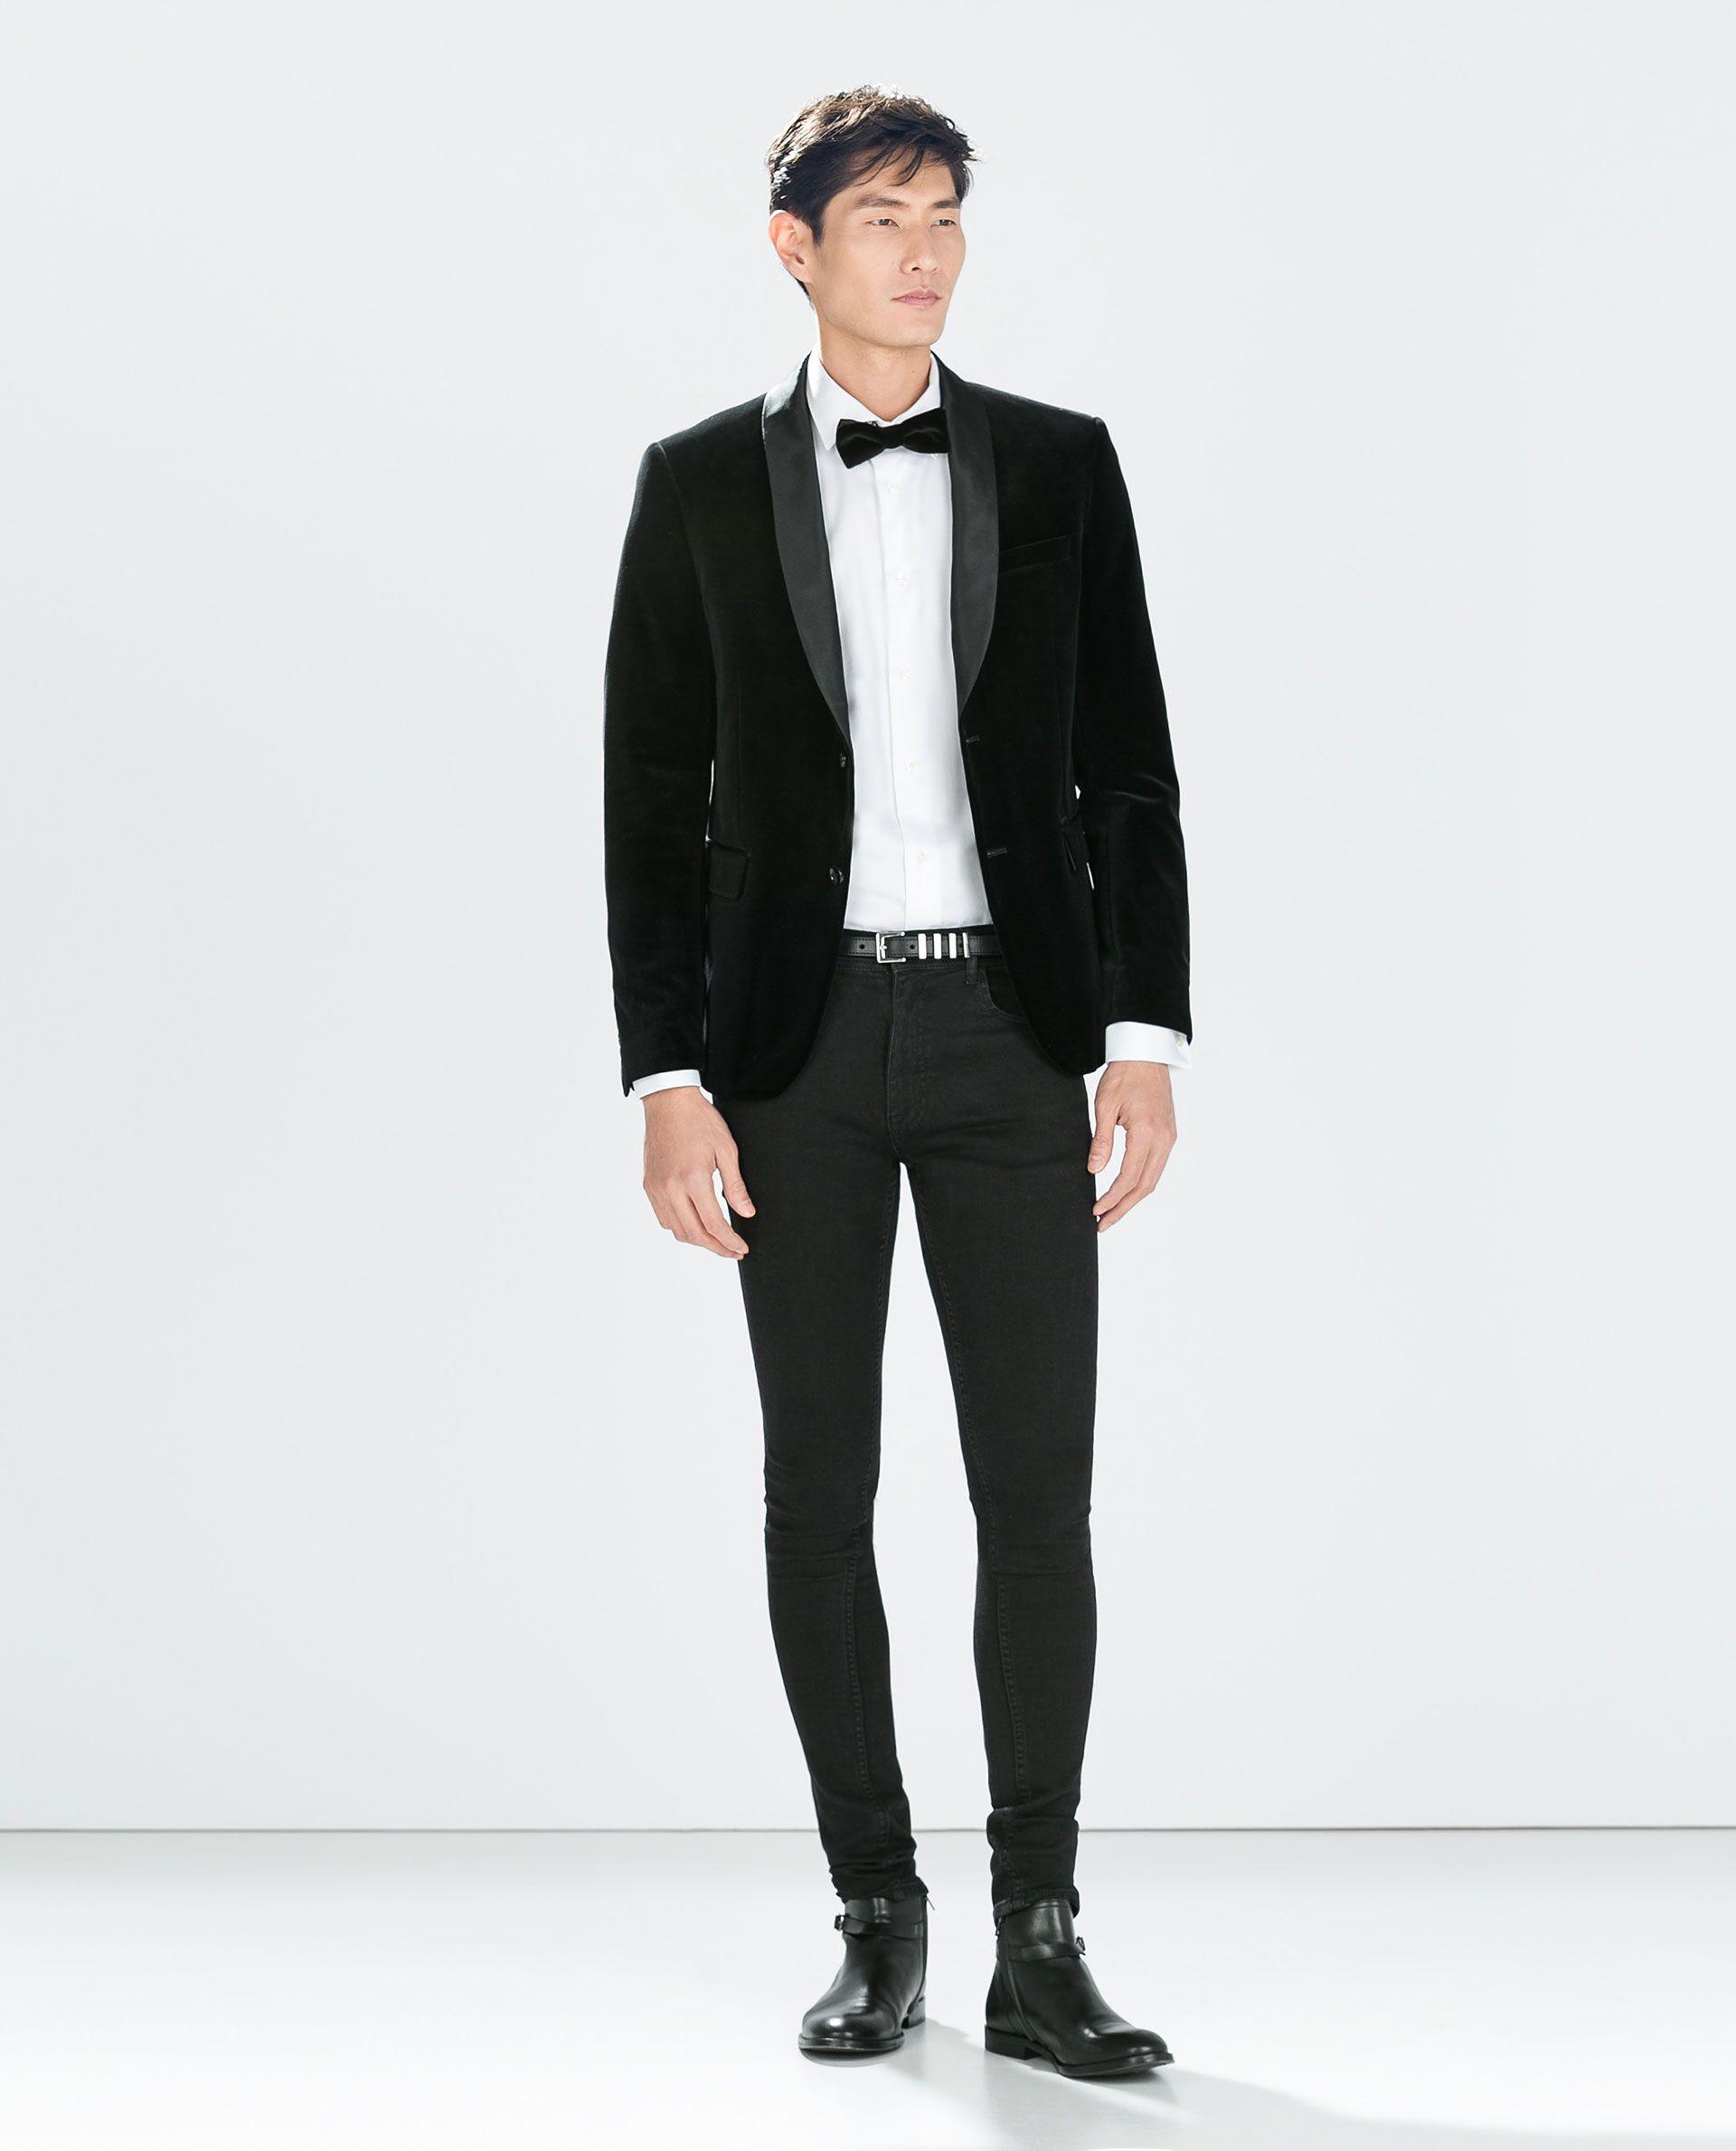 ZARA - MAN - BLACK VELVET BLAZER Moda Masculina 55146f343cc